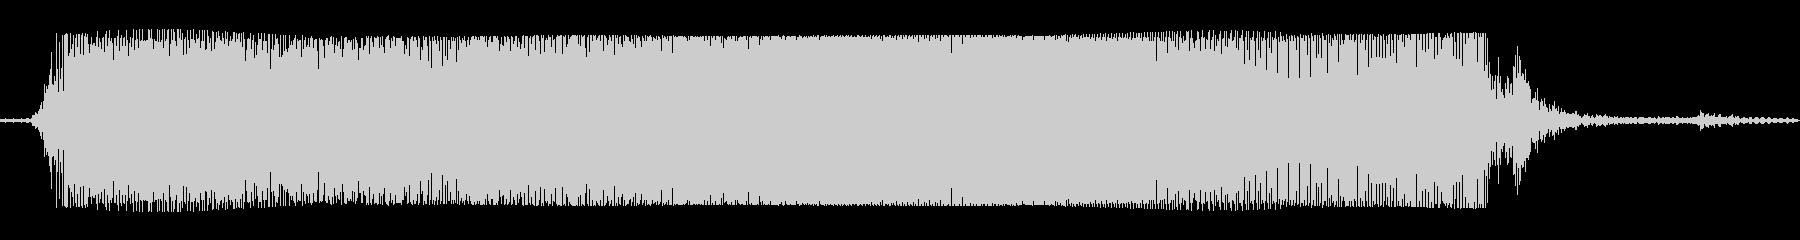 ギターメタルパワーコードbの未再生の波形